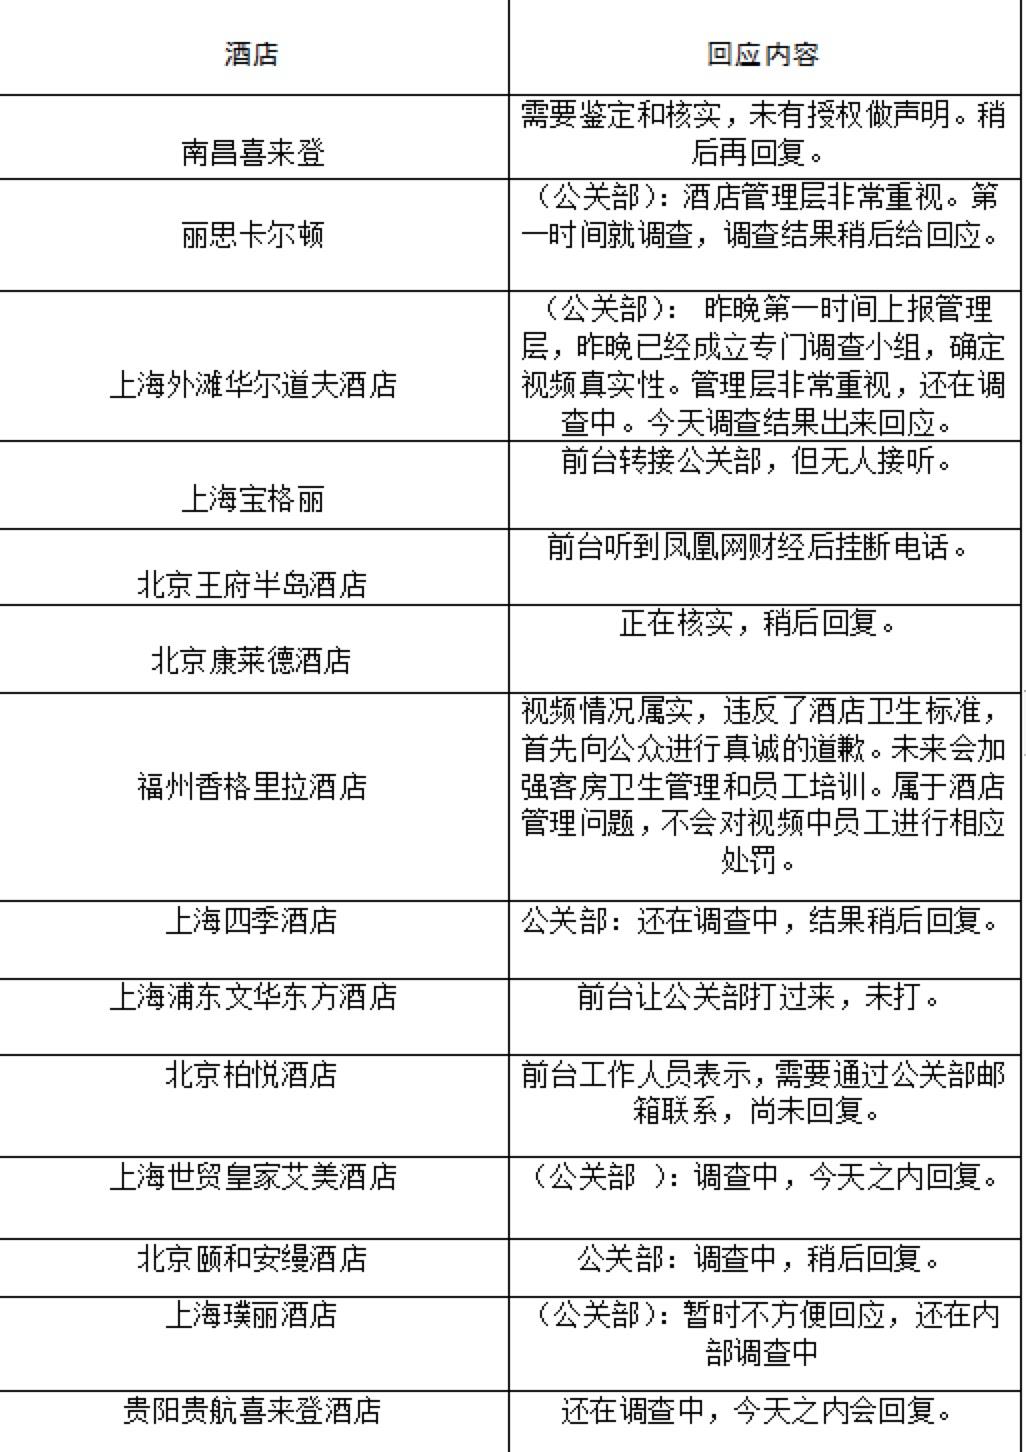 五星级酒店被曝卫生乱象 14家涉事酒店仅2家正面回应(附回应)